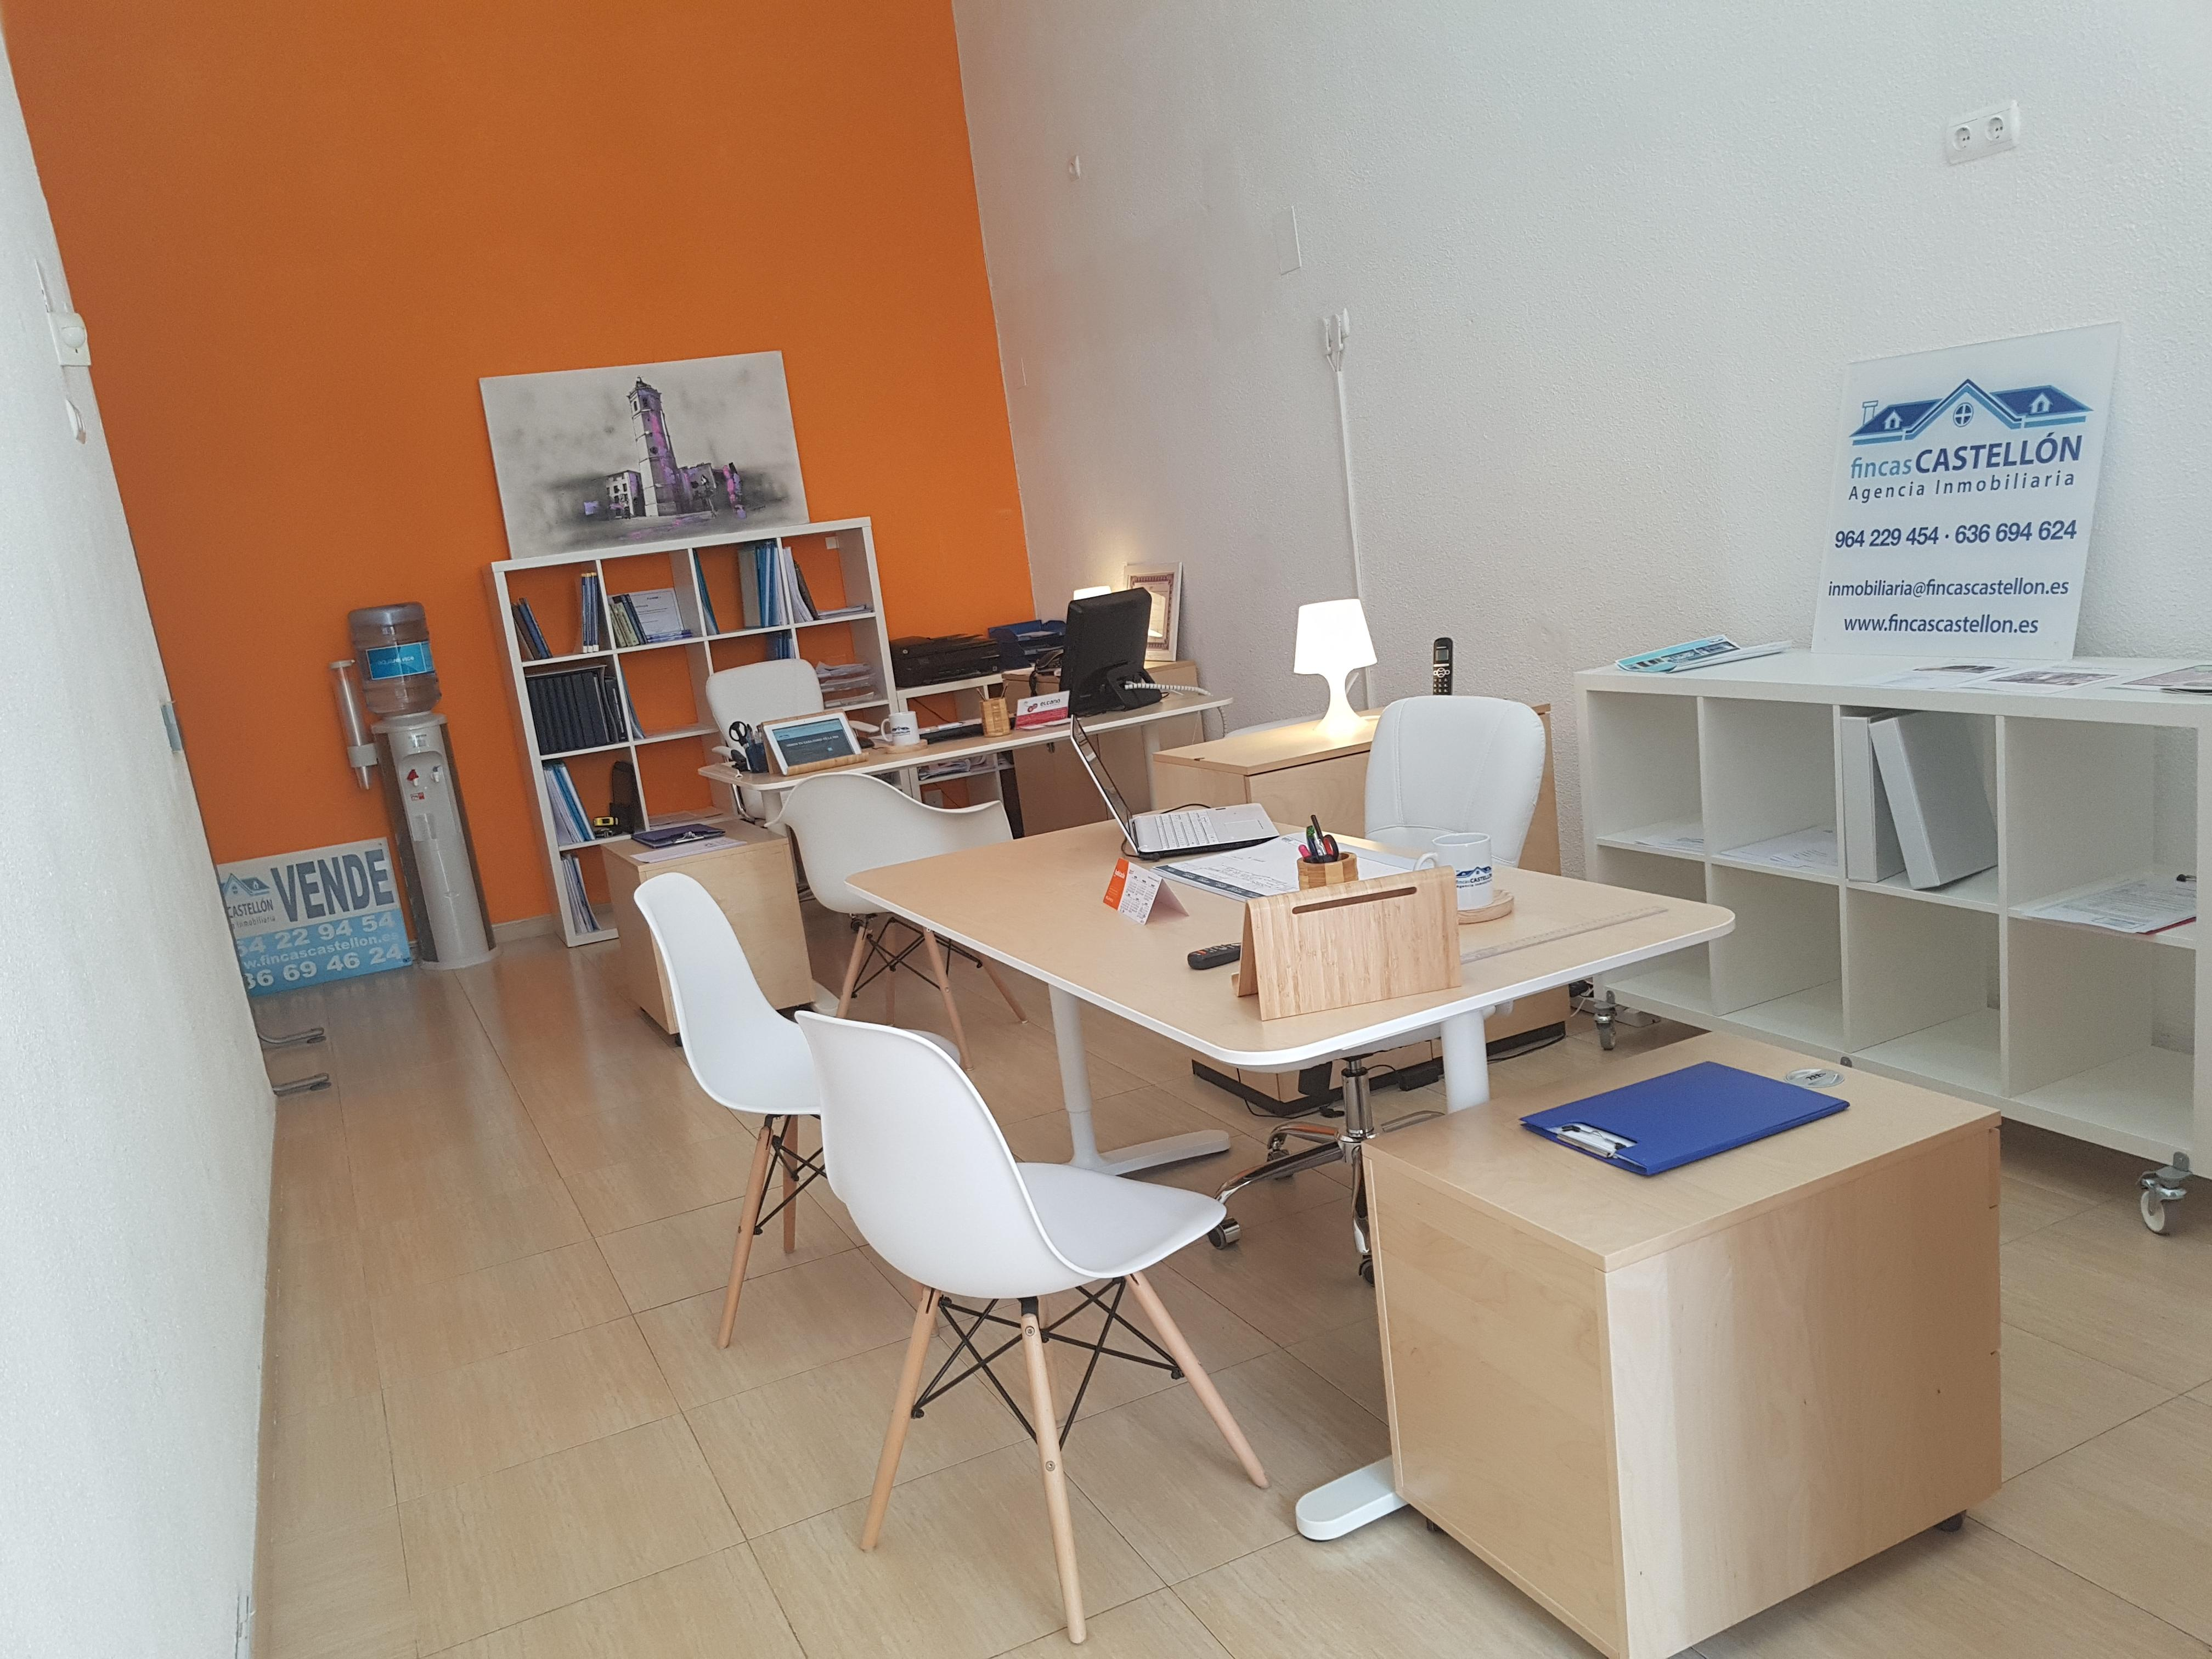 Agencia inmobiliaria en castellon de la plana infobel espa a for Agencia inmobiliaria